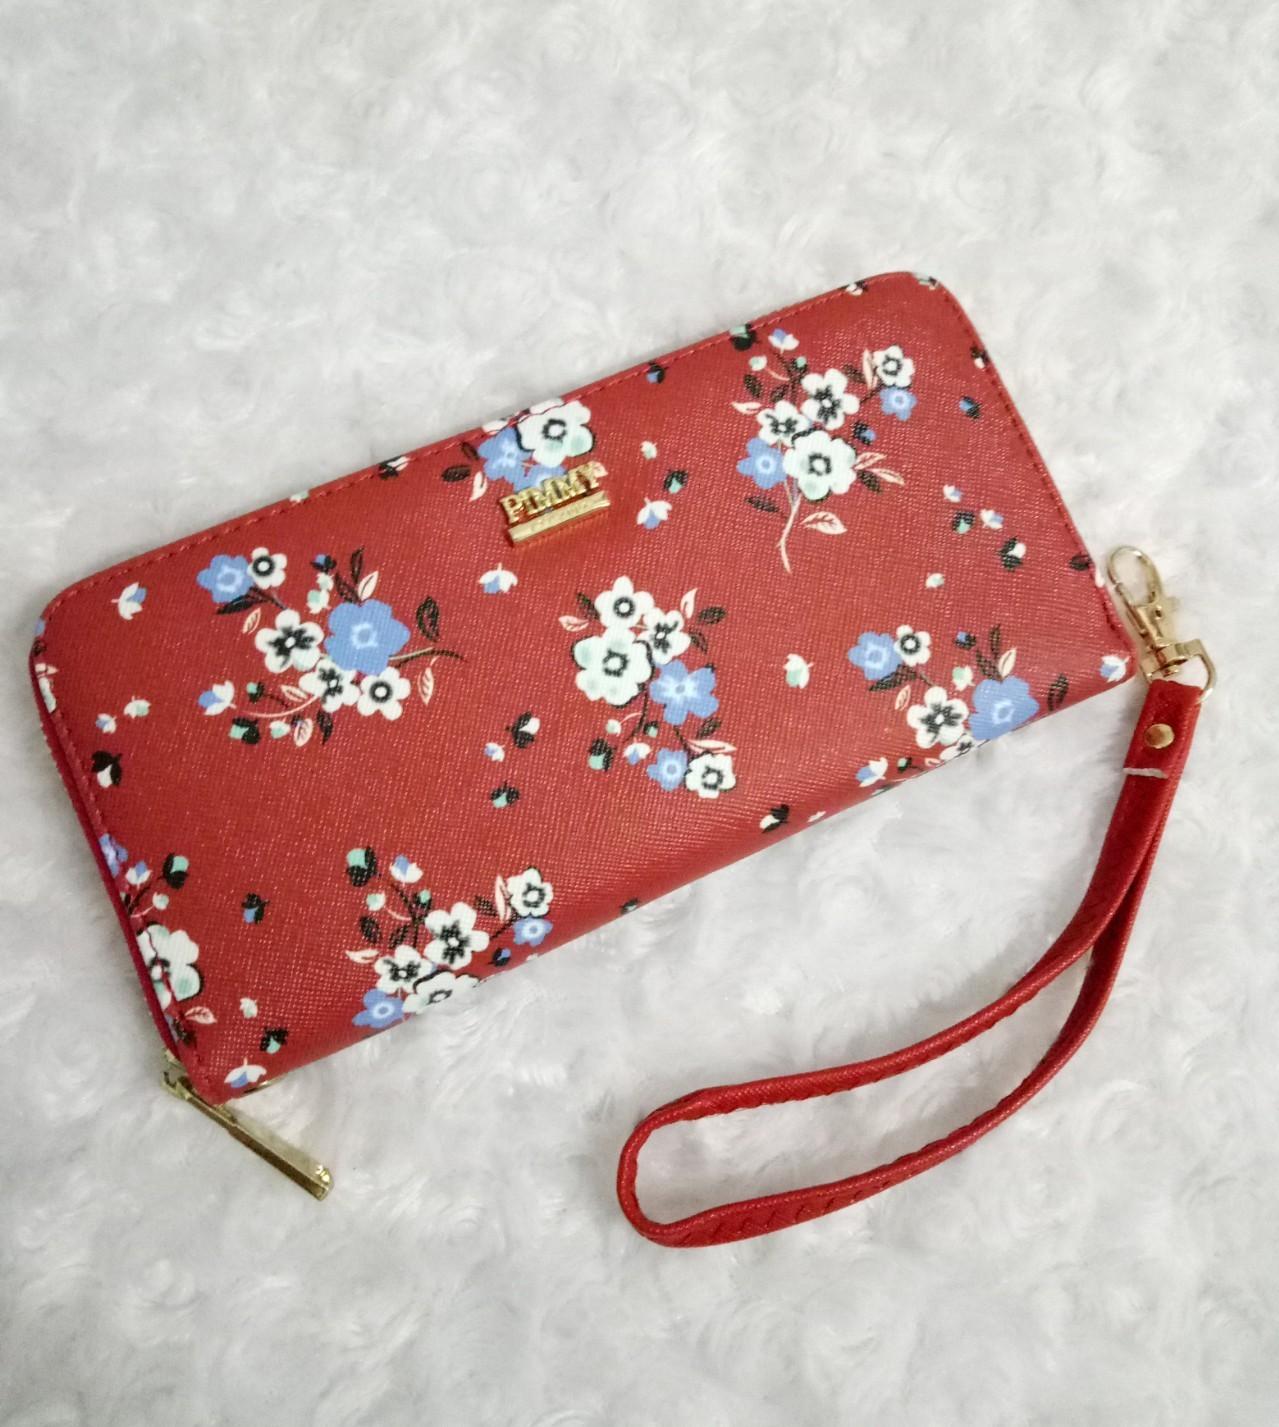 กระเป๋าสตางค์ซิปรอบลายดอก pimmy มีสายสั้นคล้องข้อมือ